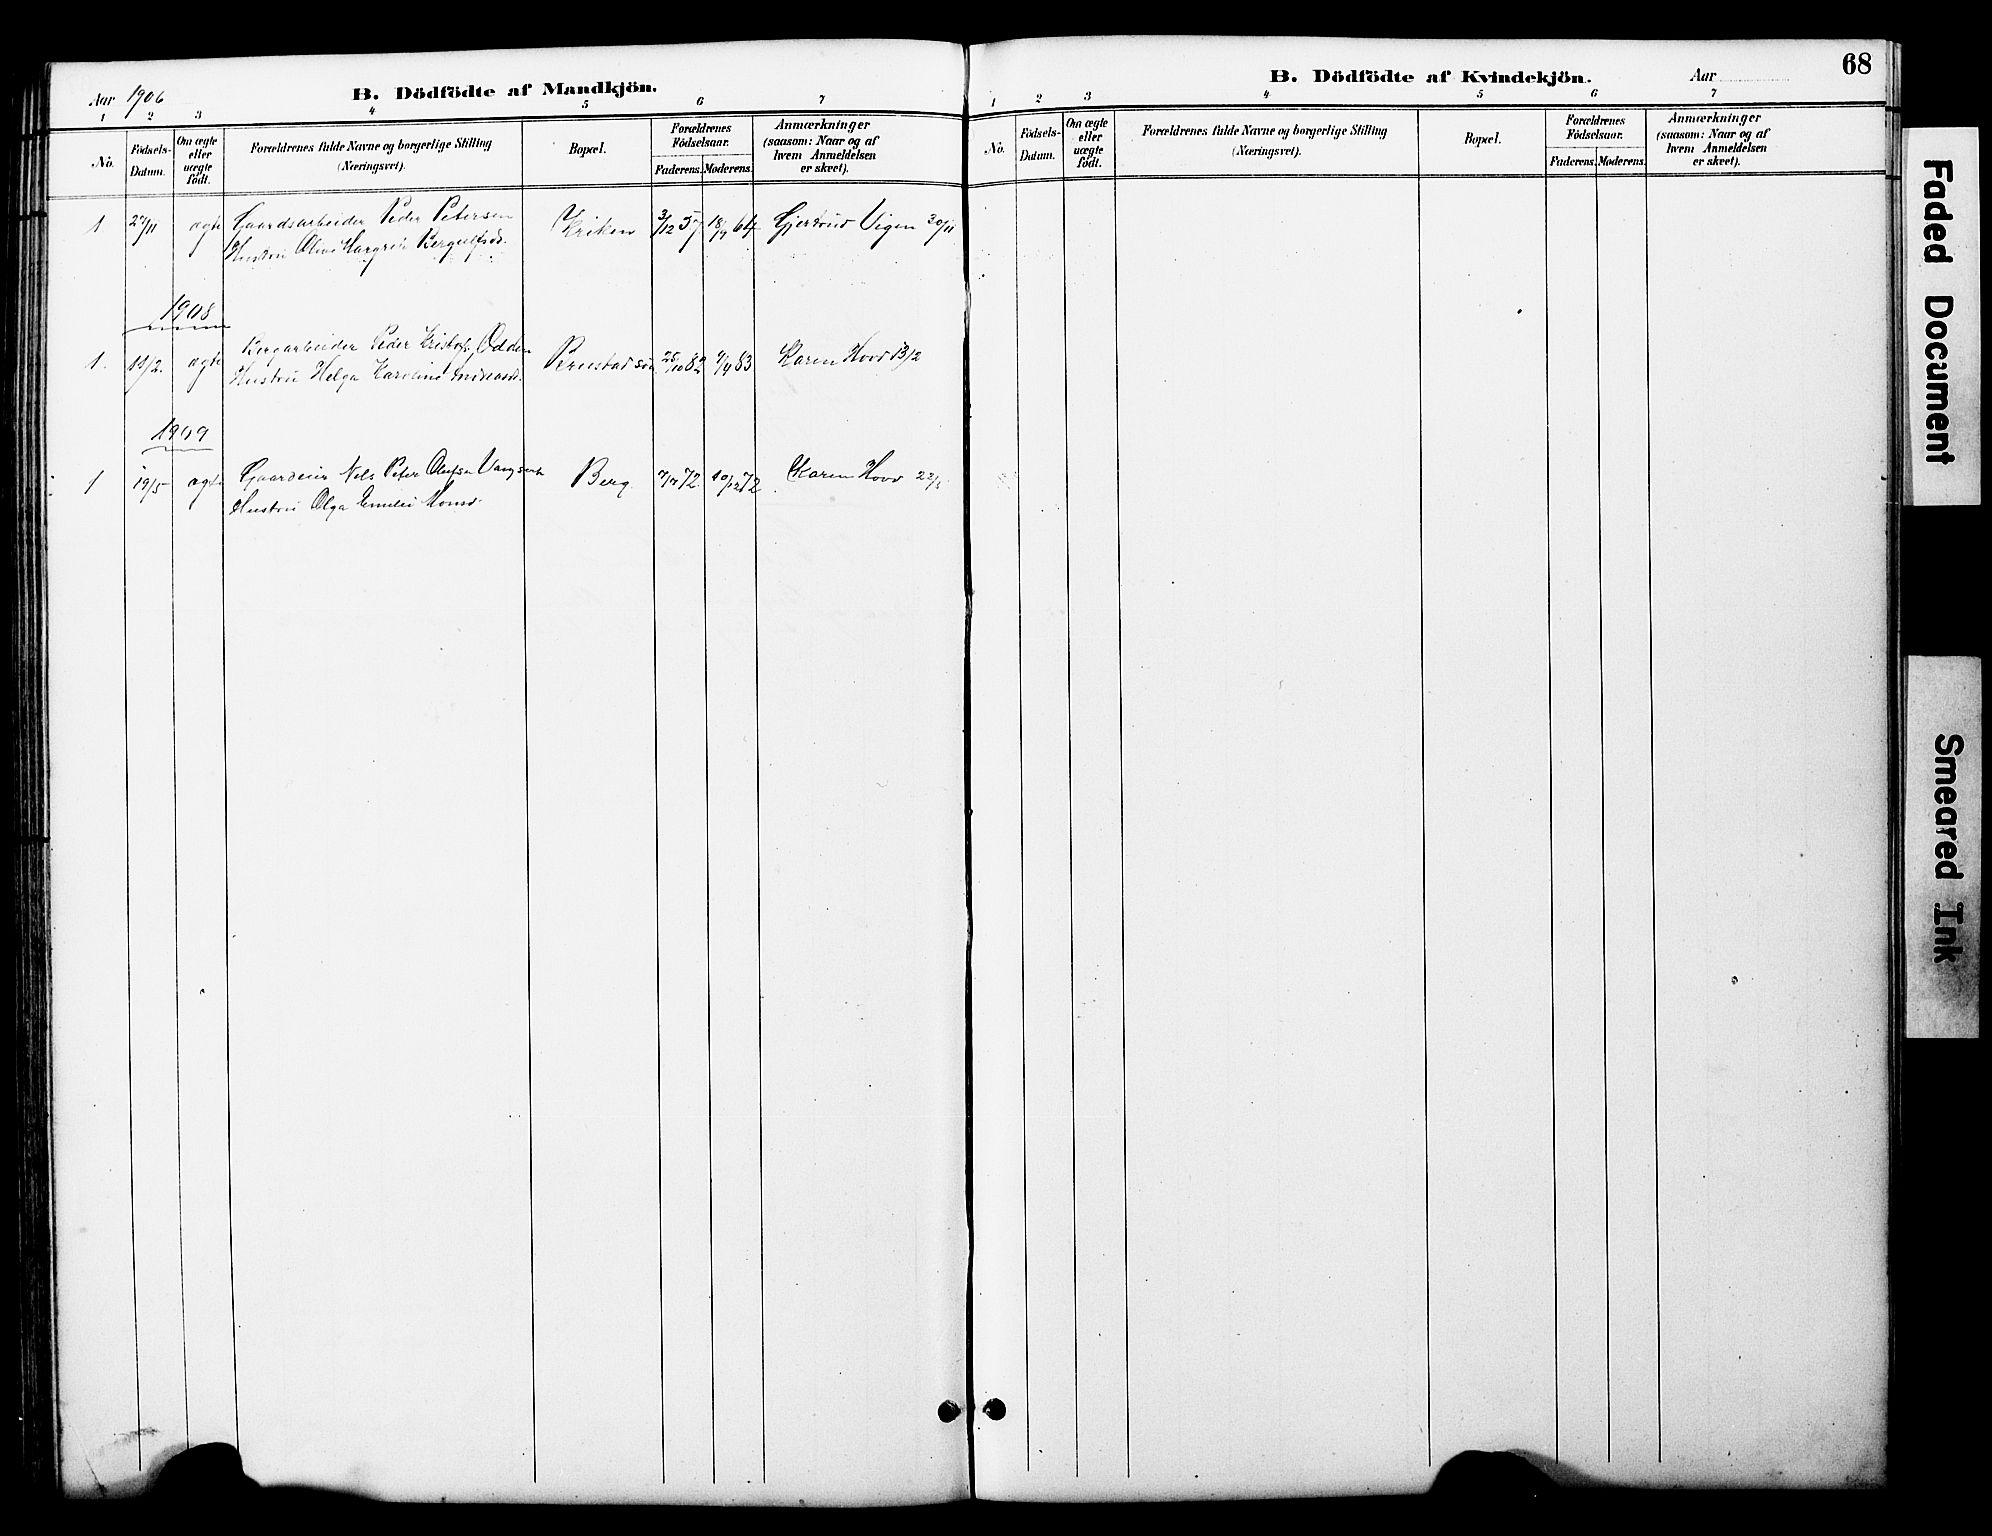 SAT, Ministerialprotokoller, klokkerbøker og fødselsregistre - Nord-Trøndelag, 722/L0226: Klokkerbok nr. 722C02, 1889-1927, s. 68